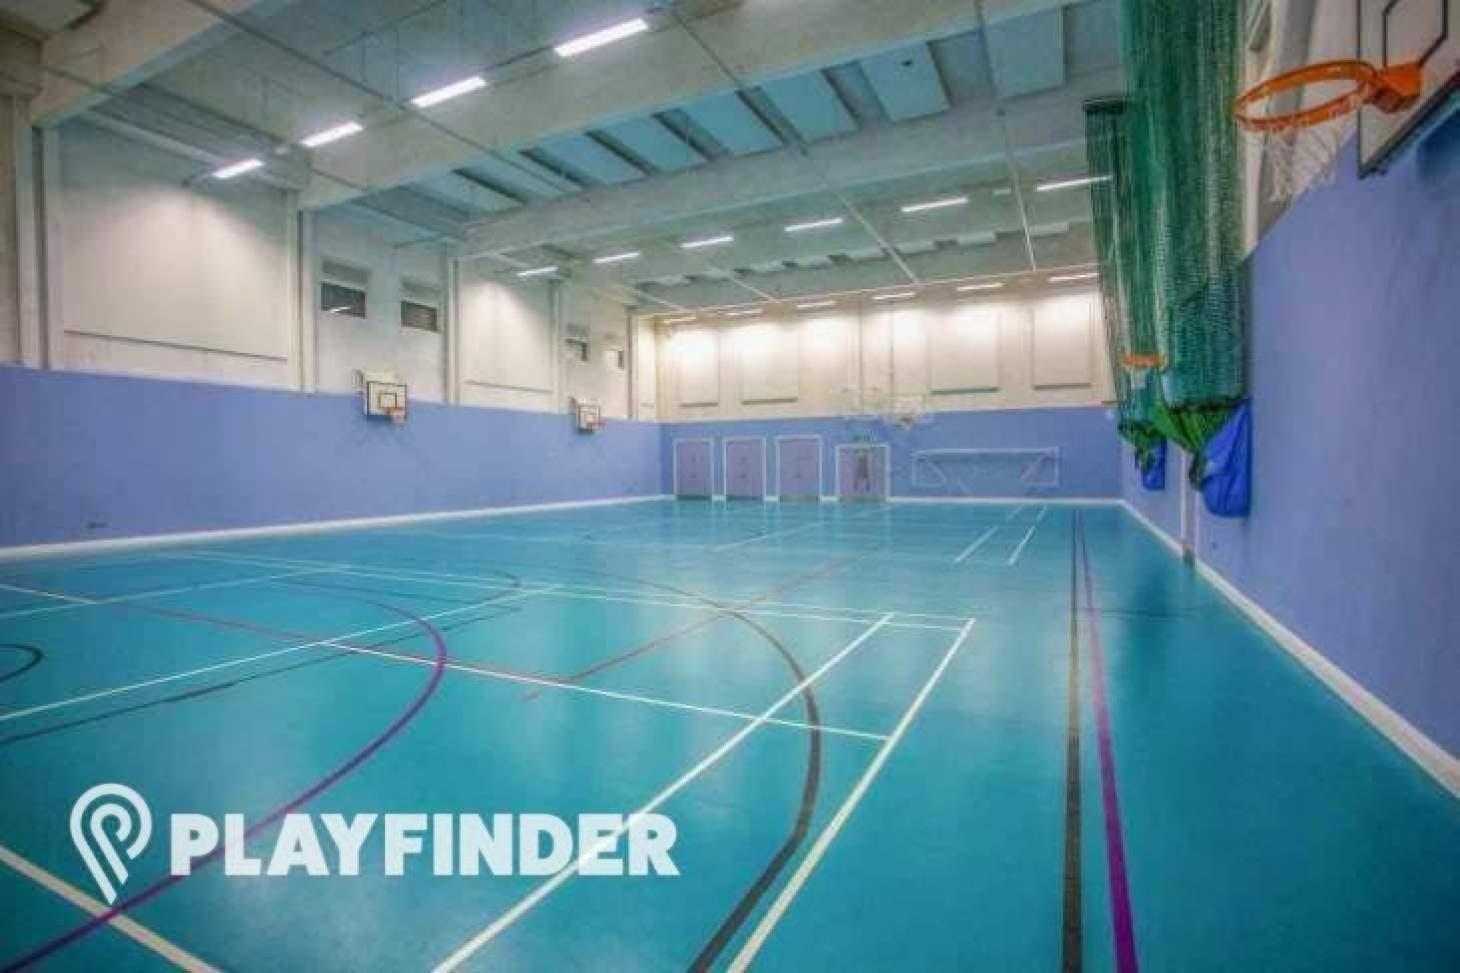 Mossbourne Victoria Park Academy Court | Sports hall volleyball court